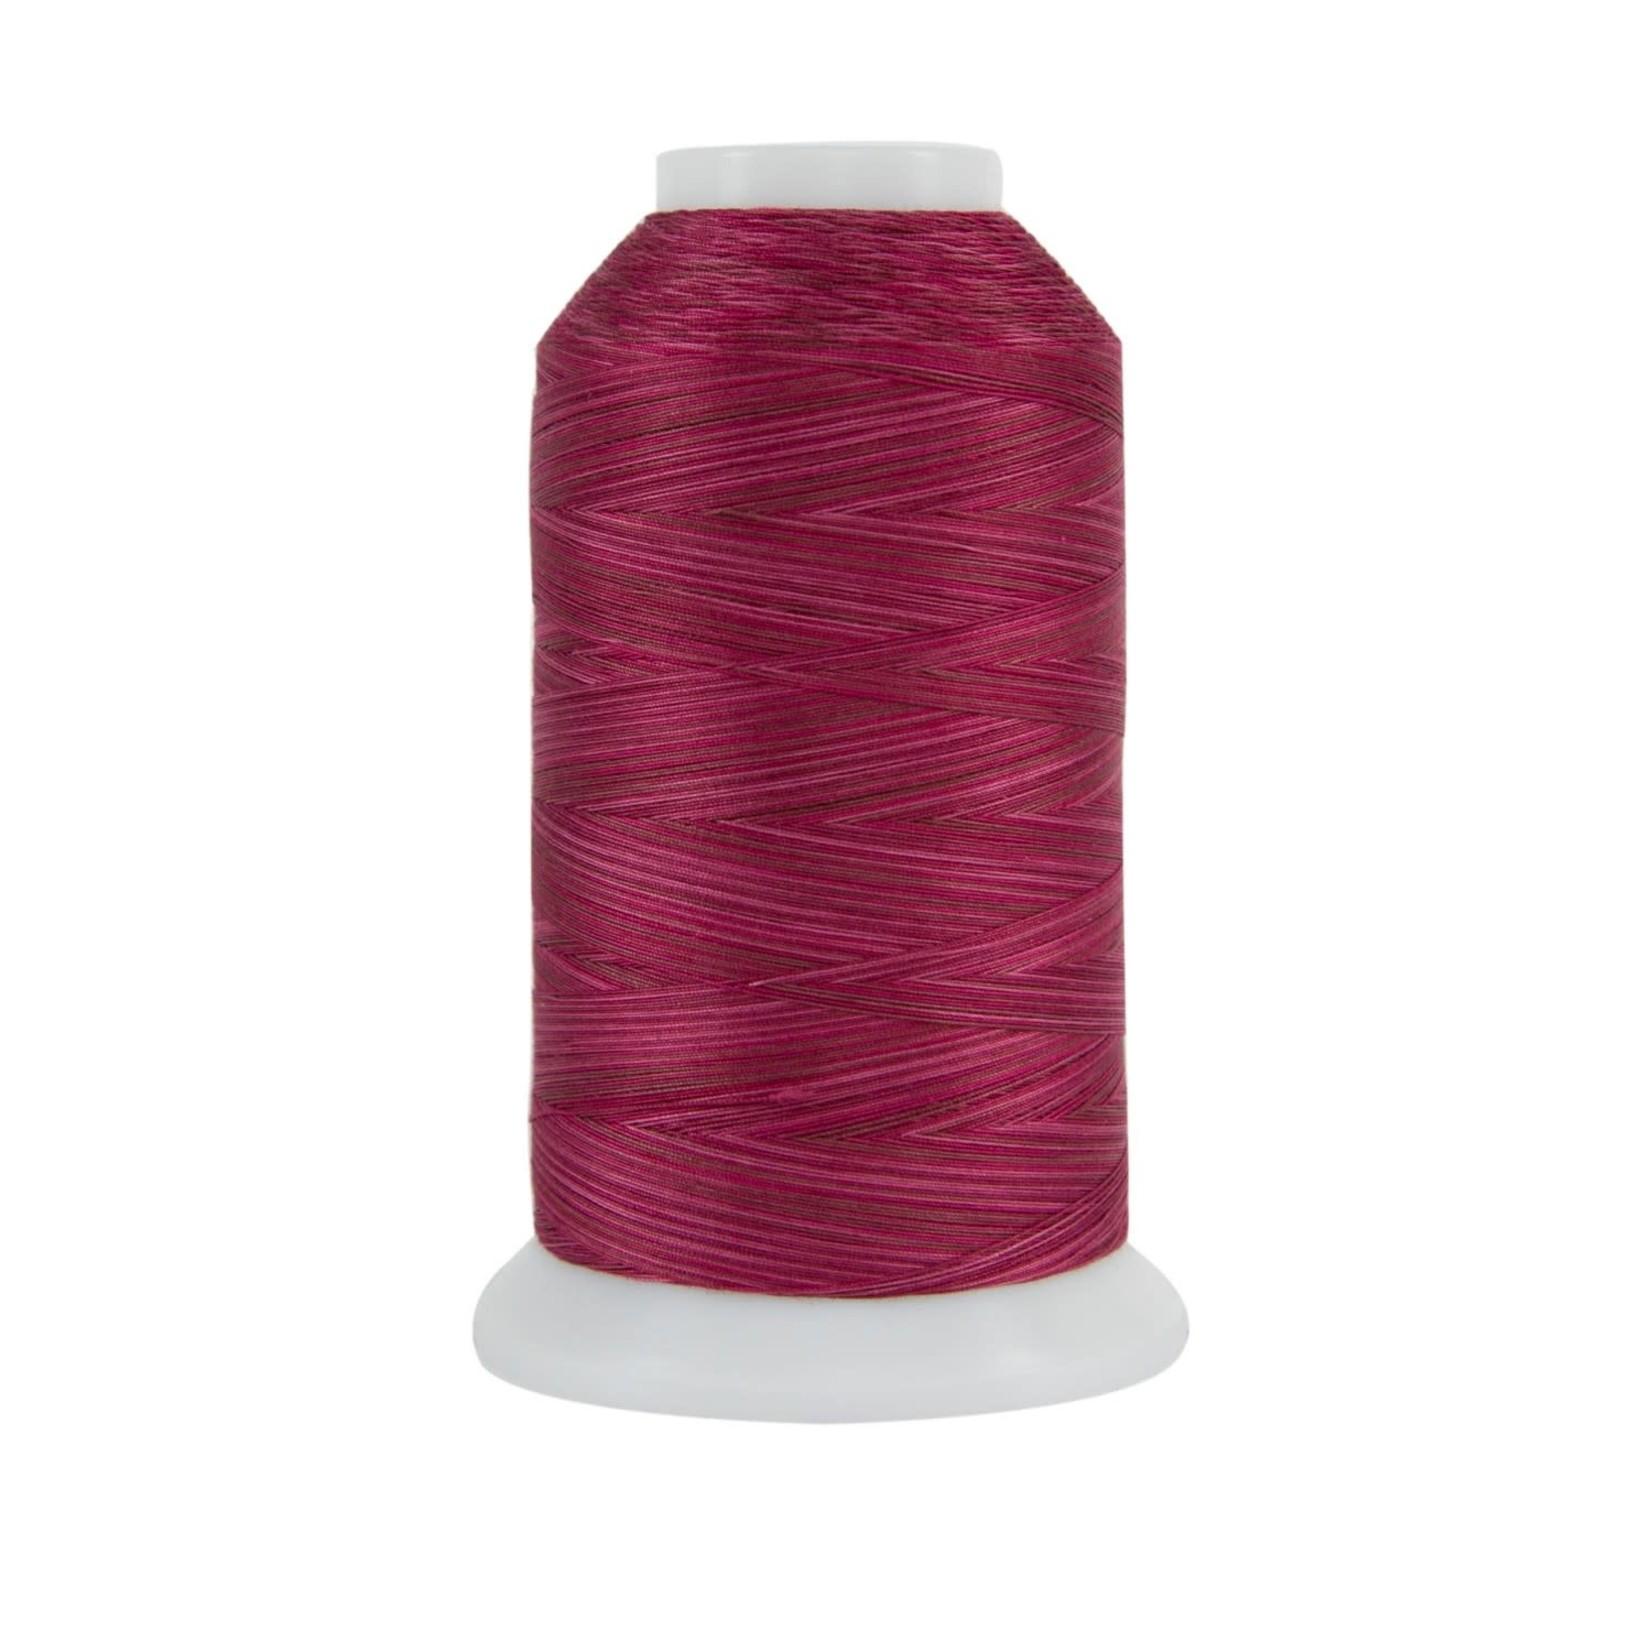 Superior Threads King Tut - #40 - 1828 m - 0945 Cinnaberry